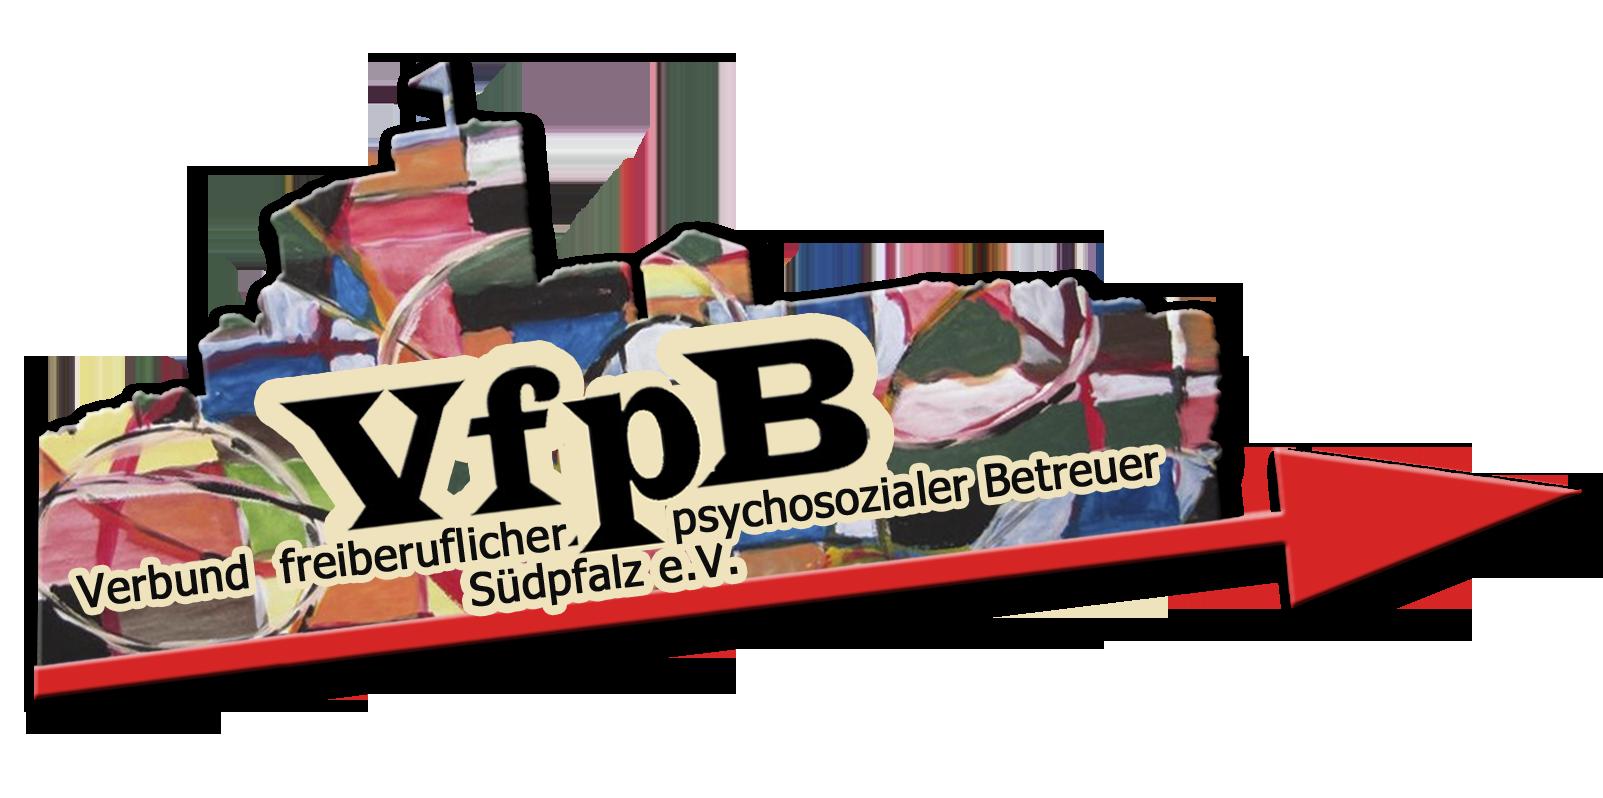 Verbund freiberuflicher psychosozialer Betreuer Südpfalz e.V.